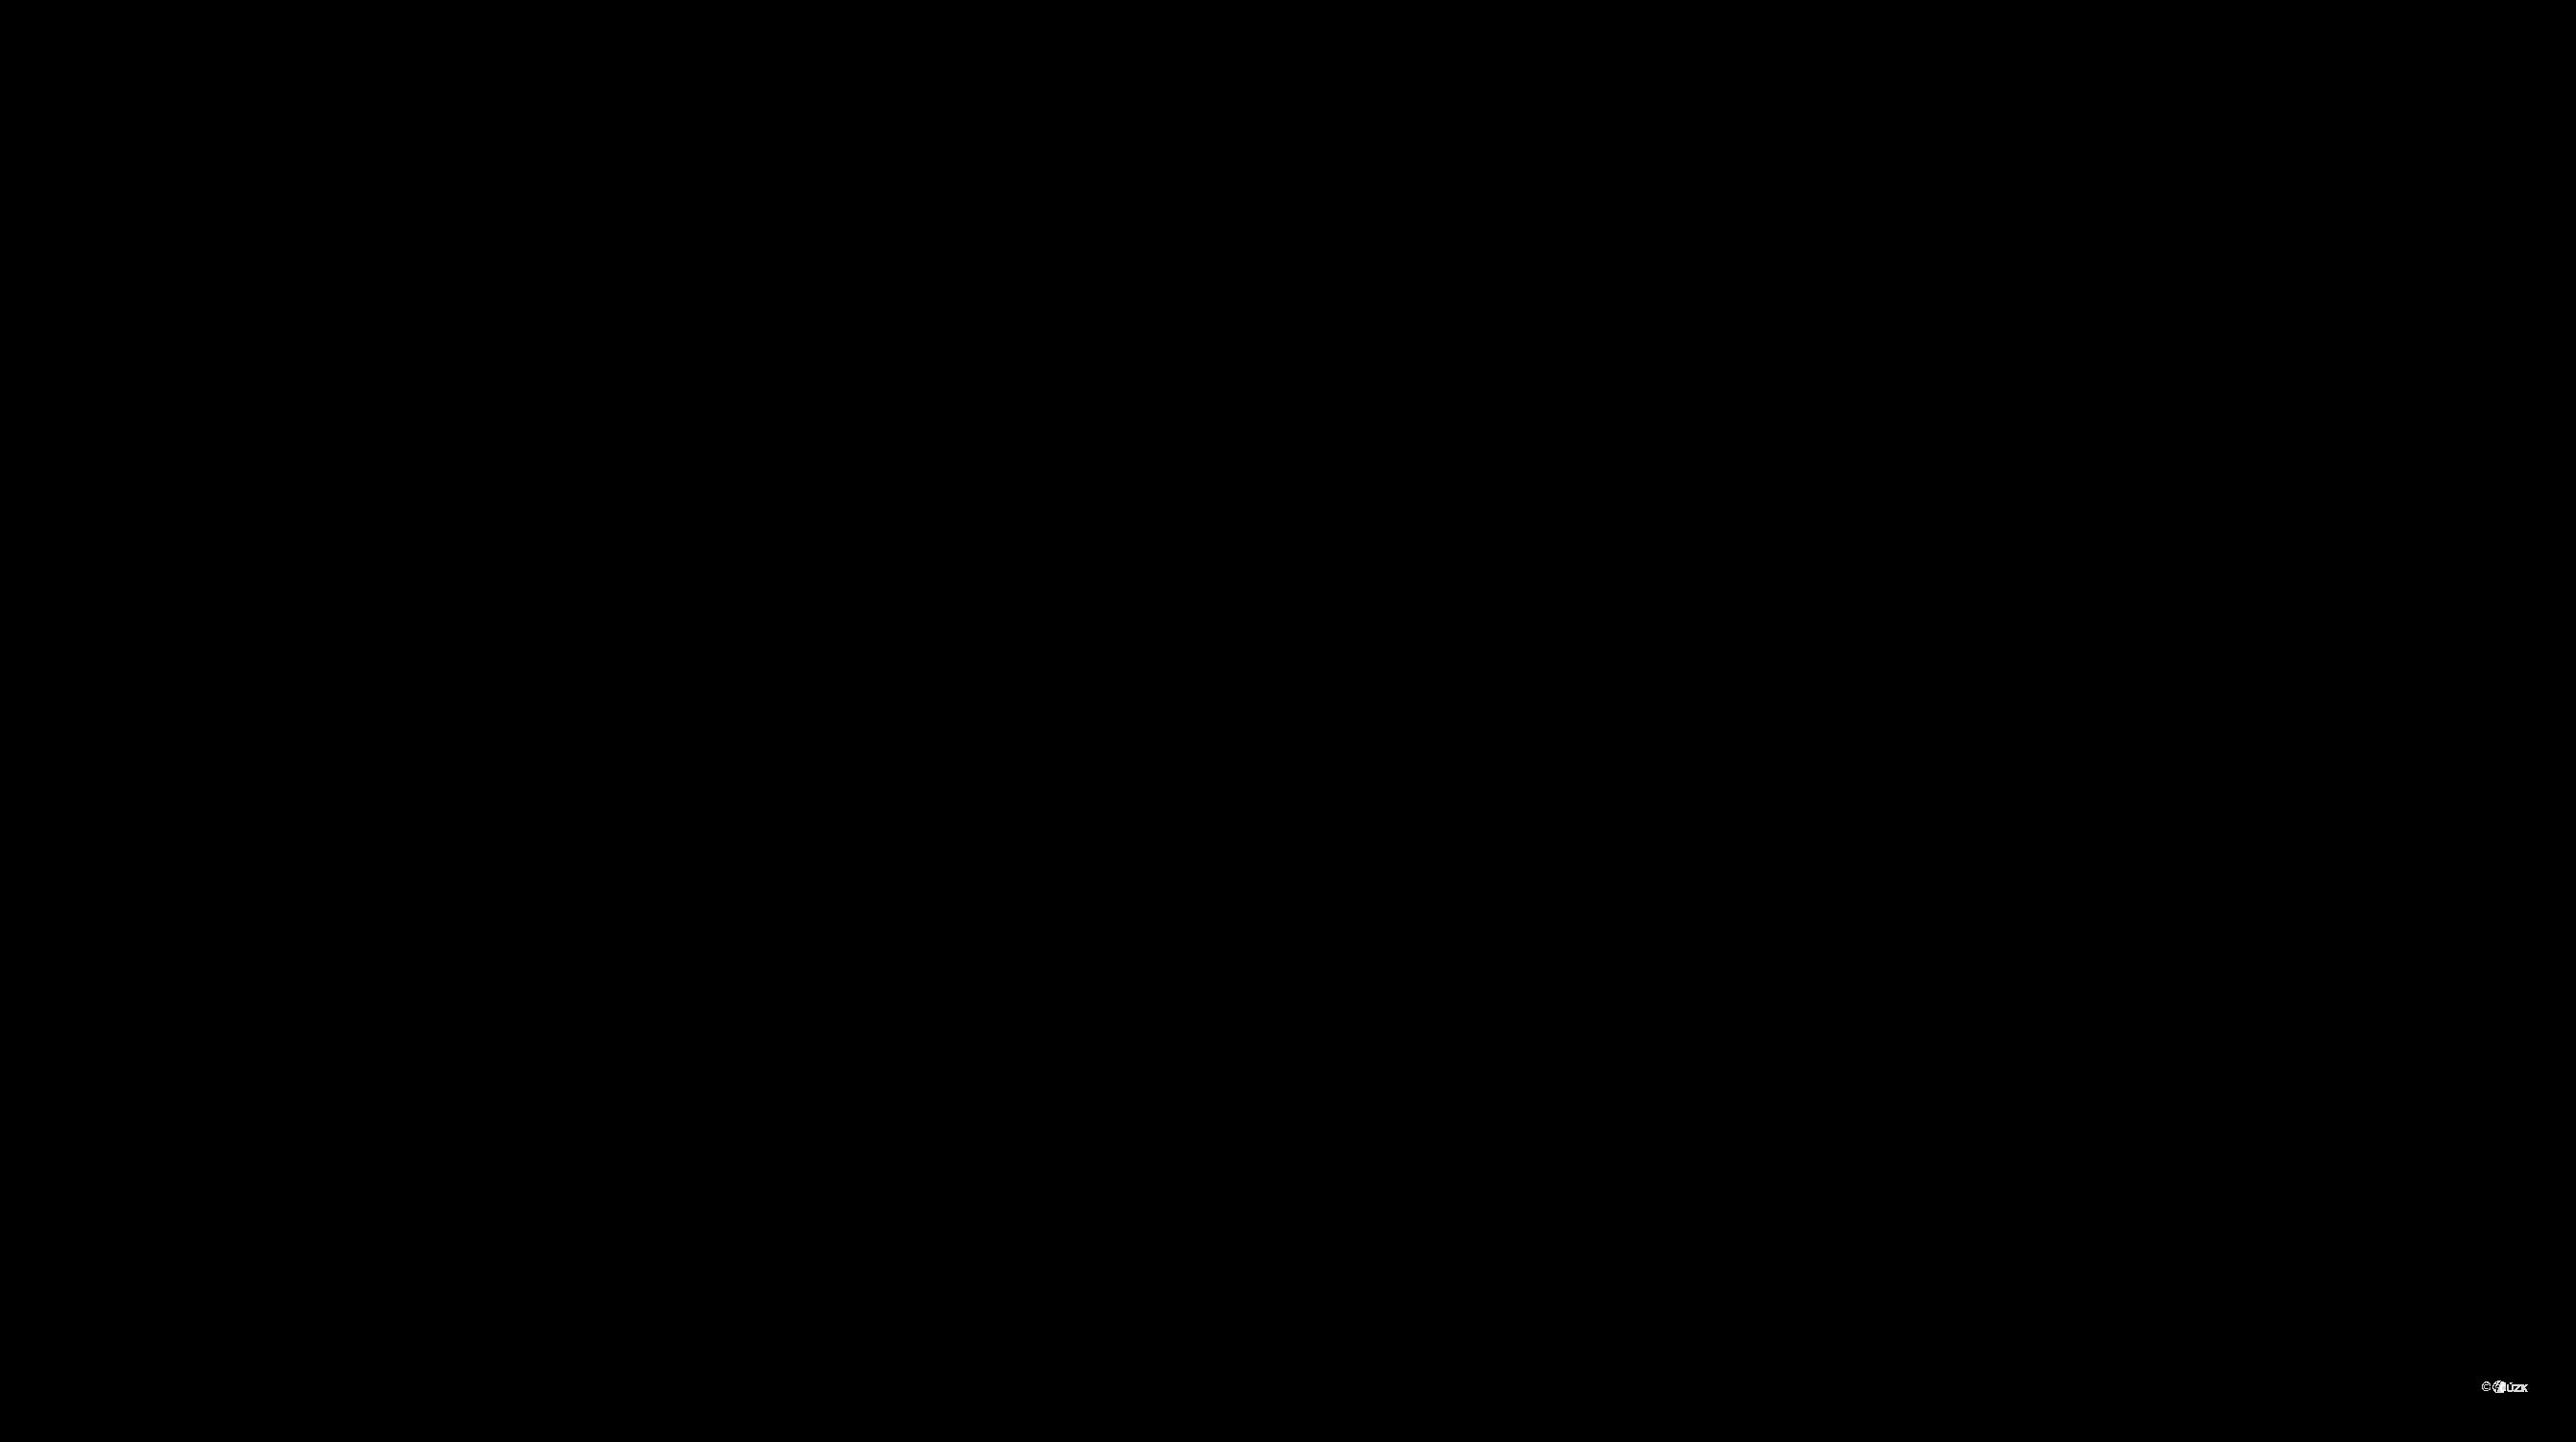 Katastrální mapa pozemků a čísla parcel Louky nad Olší